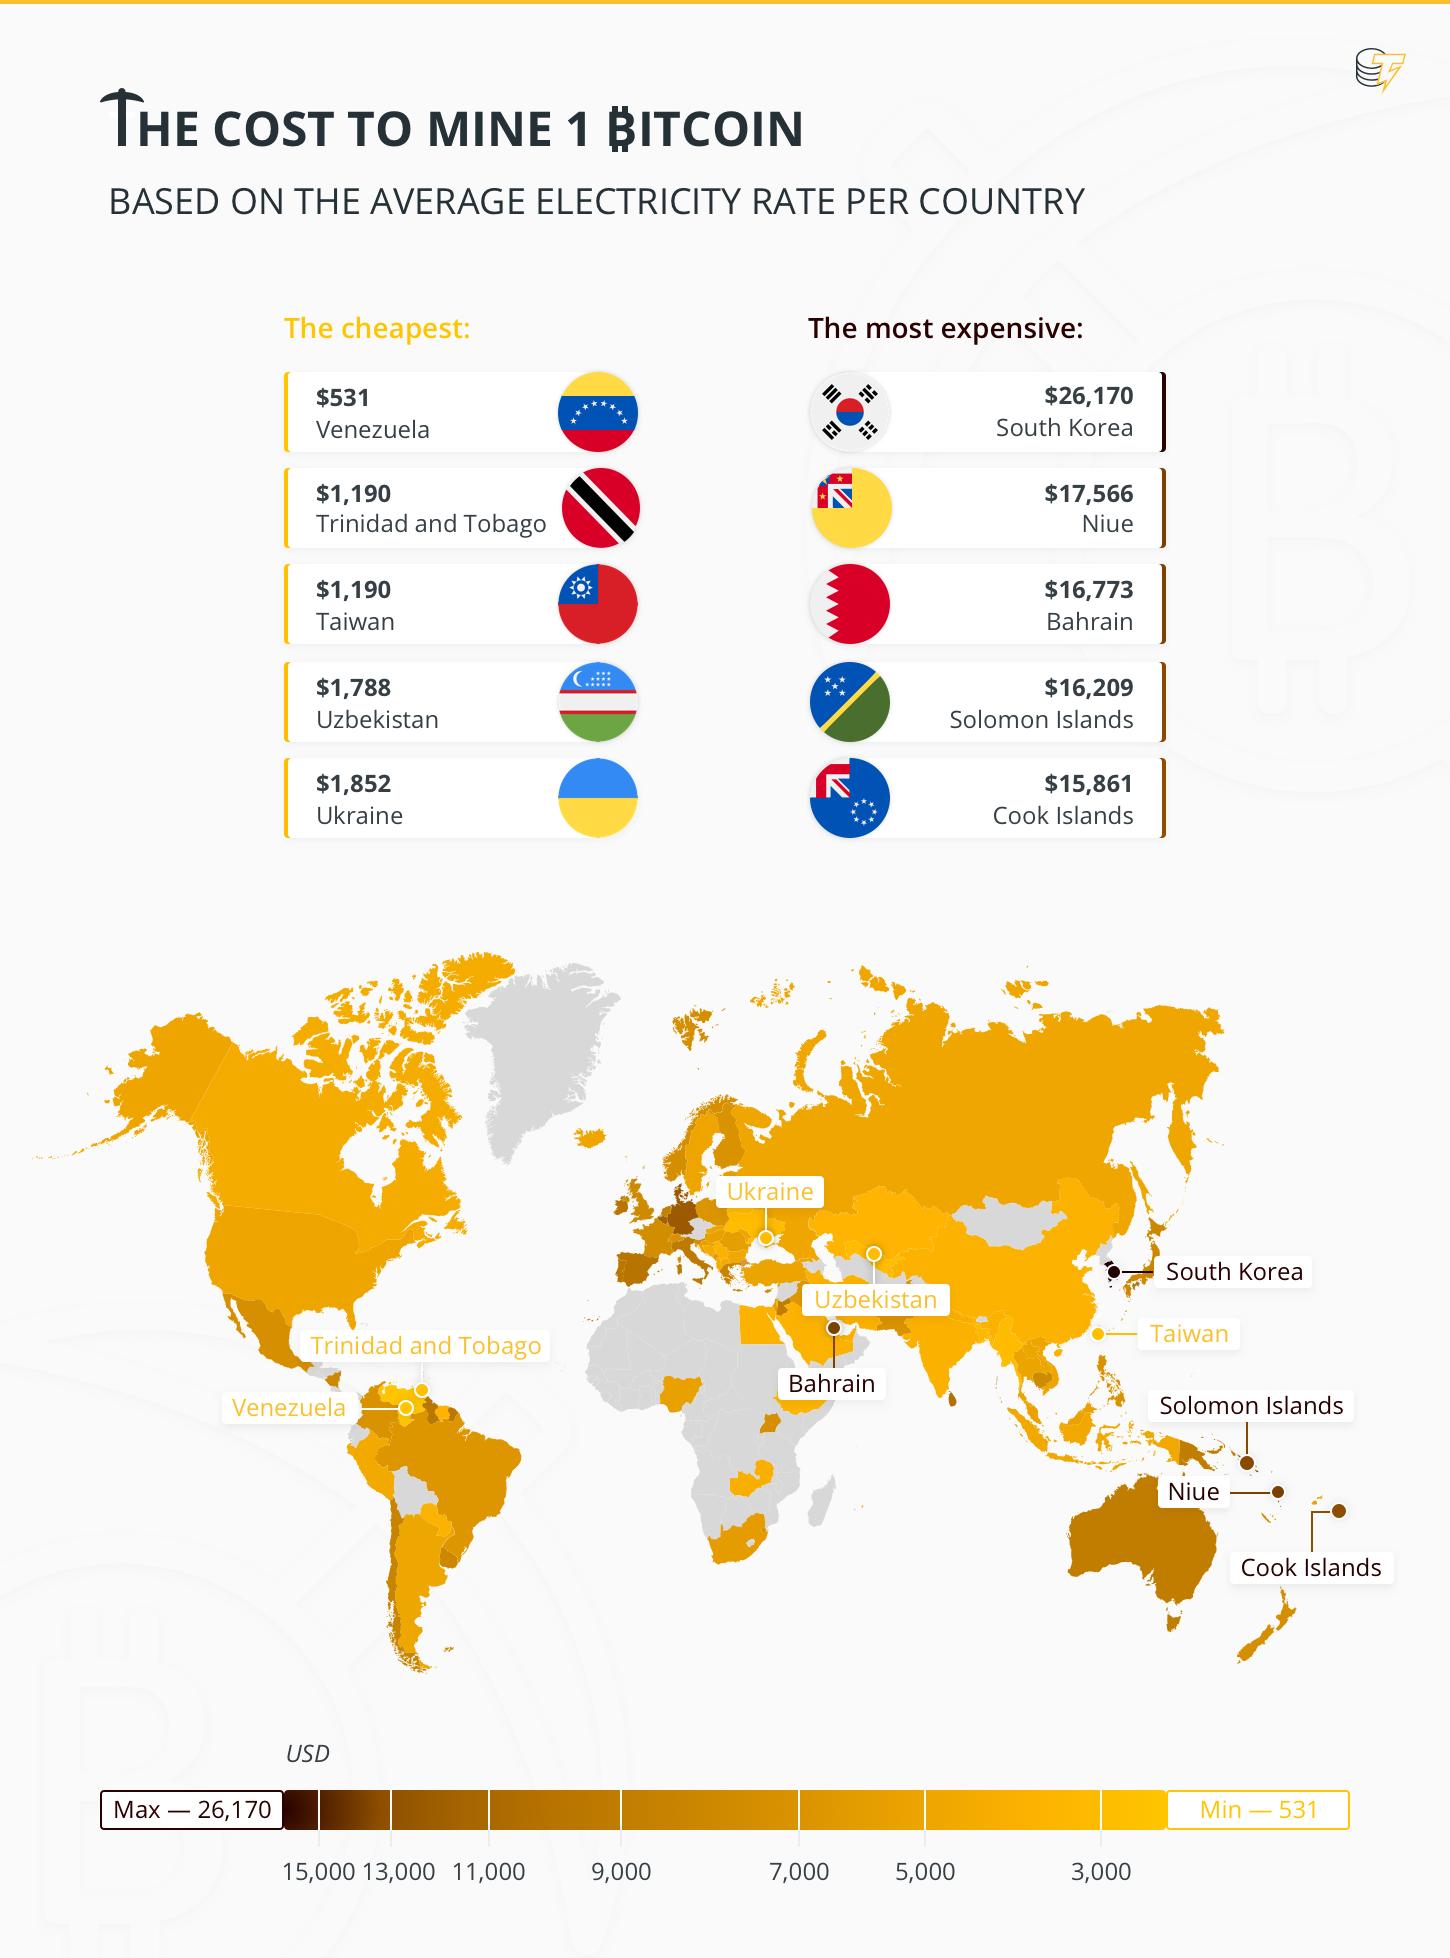 Ťaženie kryptomien - kde na svete sa to najviac oplatí?